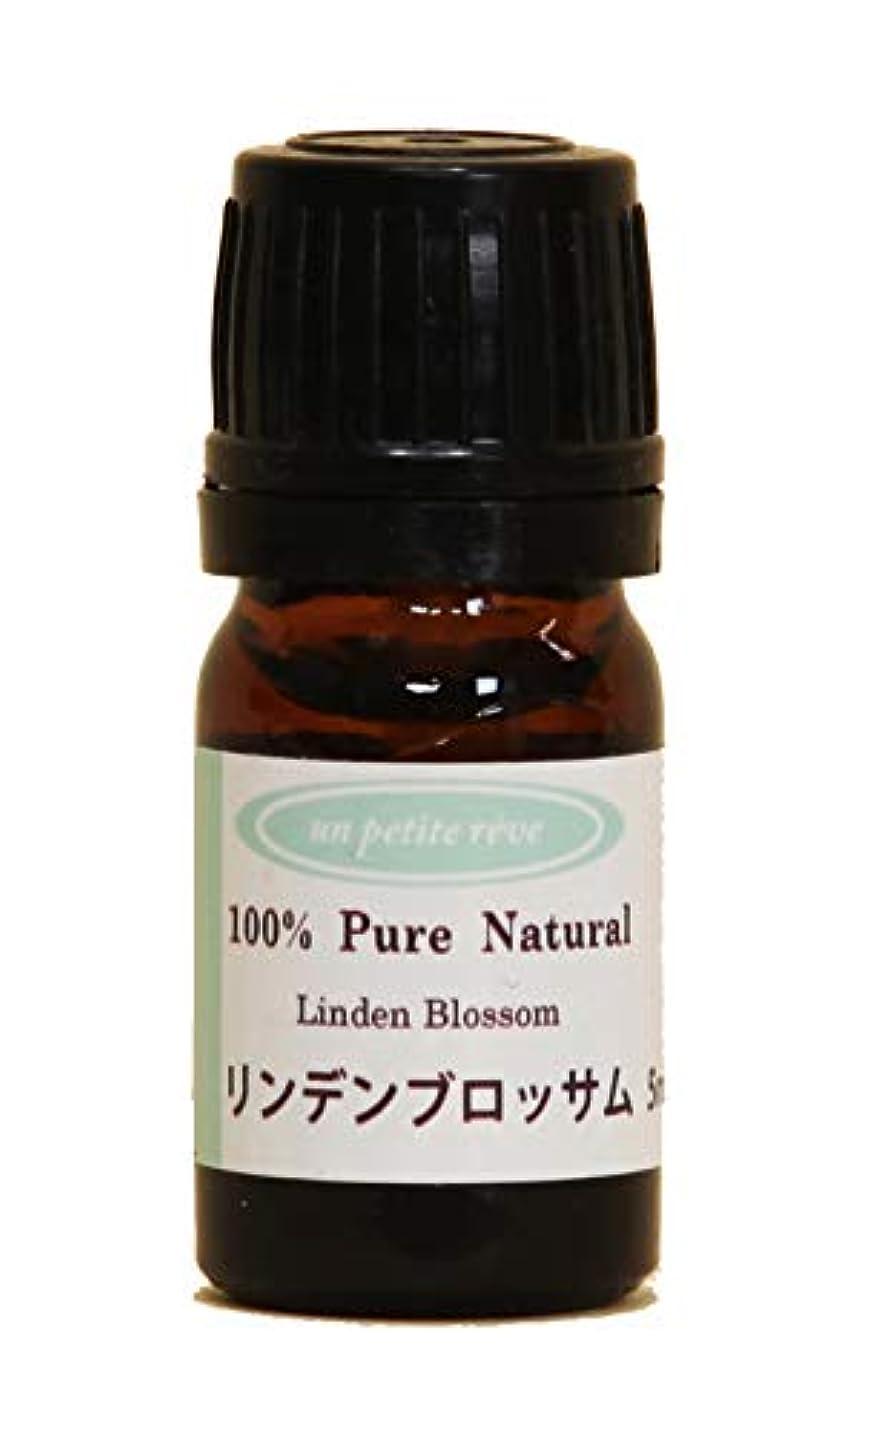 賛美歌セブンパスリンデンブロッサム 5ml 100%天然アロマエッセンシャルオイル(精油)